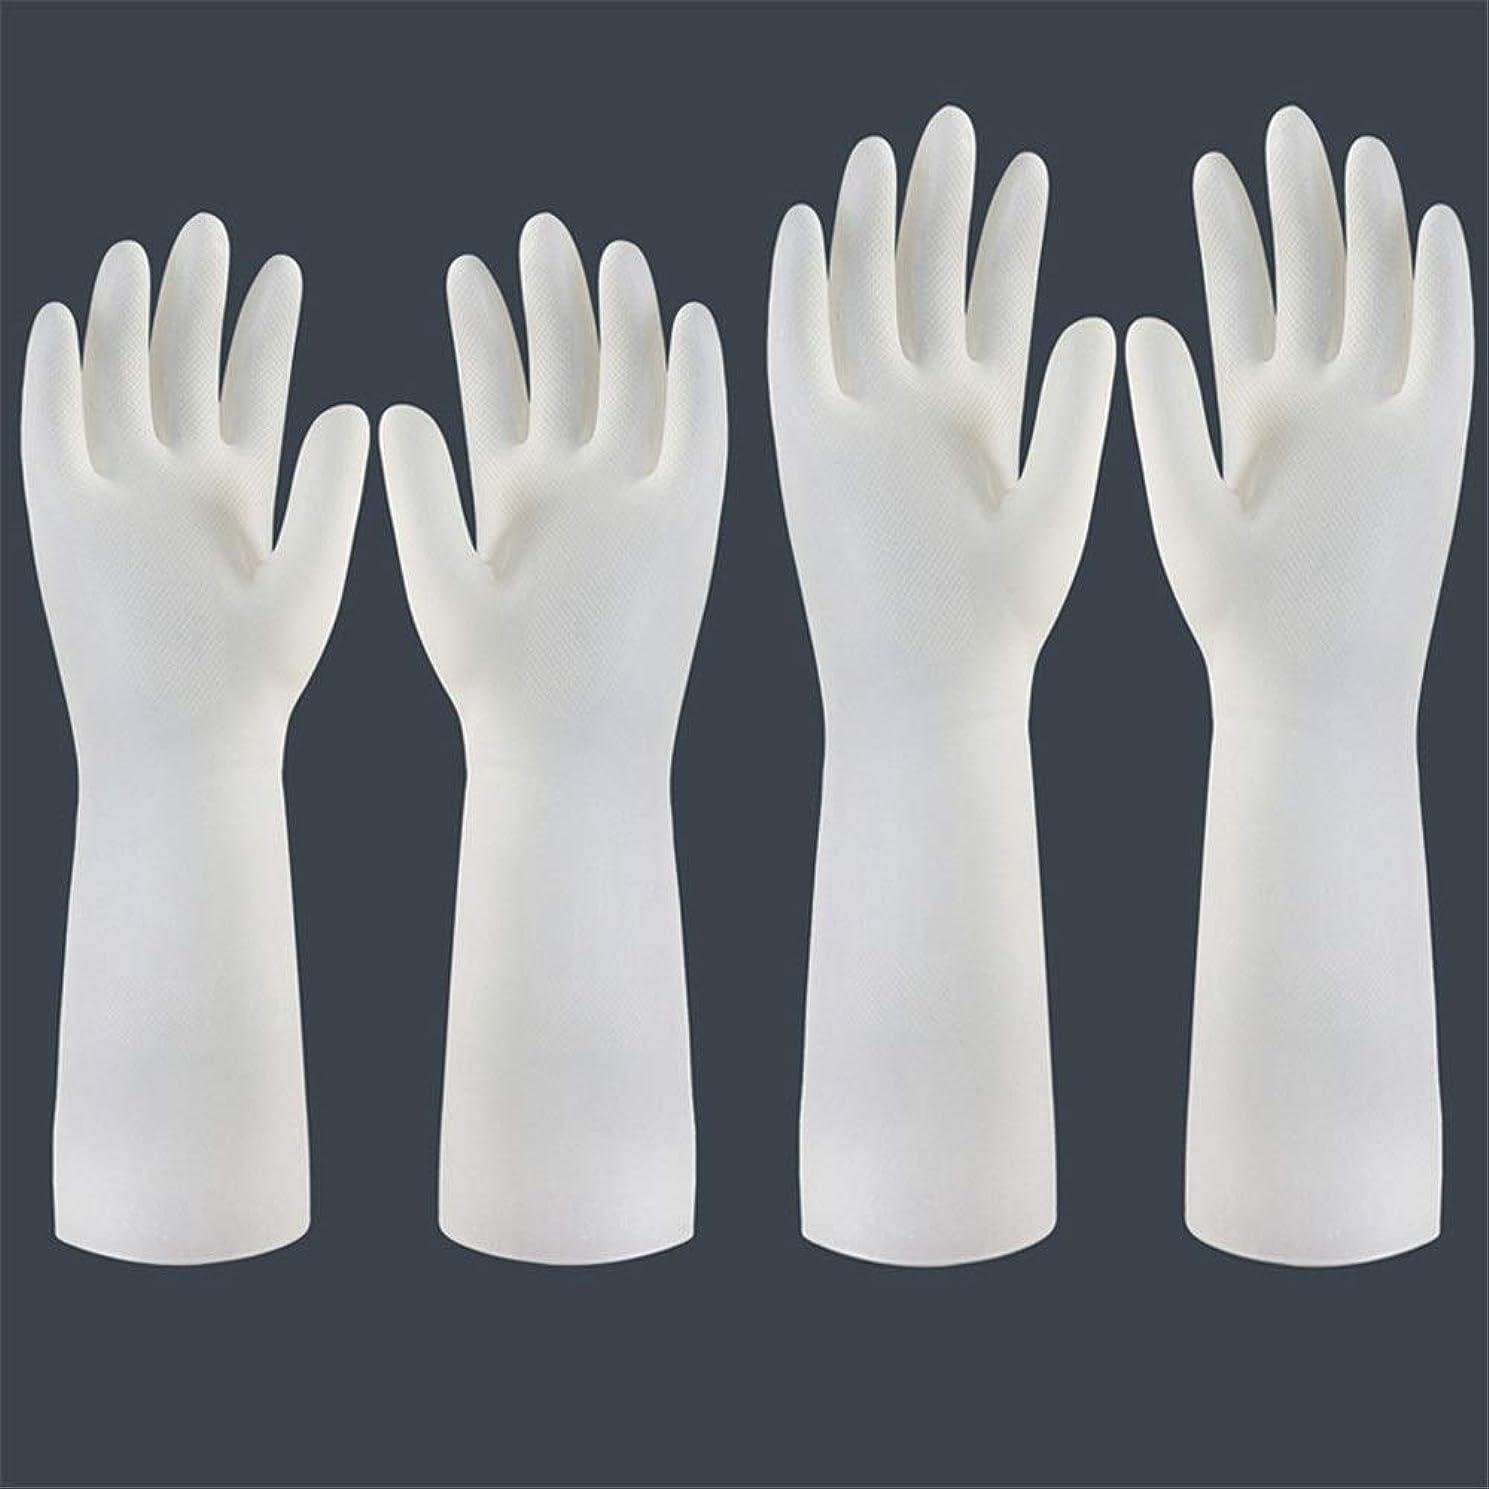 時刻表フィラデルフィアまもなくニトリルゴム手袋 使い捨て手袋の防水および耐久のゴム製台所手袋、小/中/大 使い捨て手袋 (Color : Short+long, Size : M)